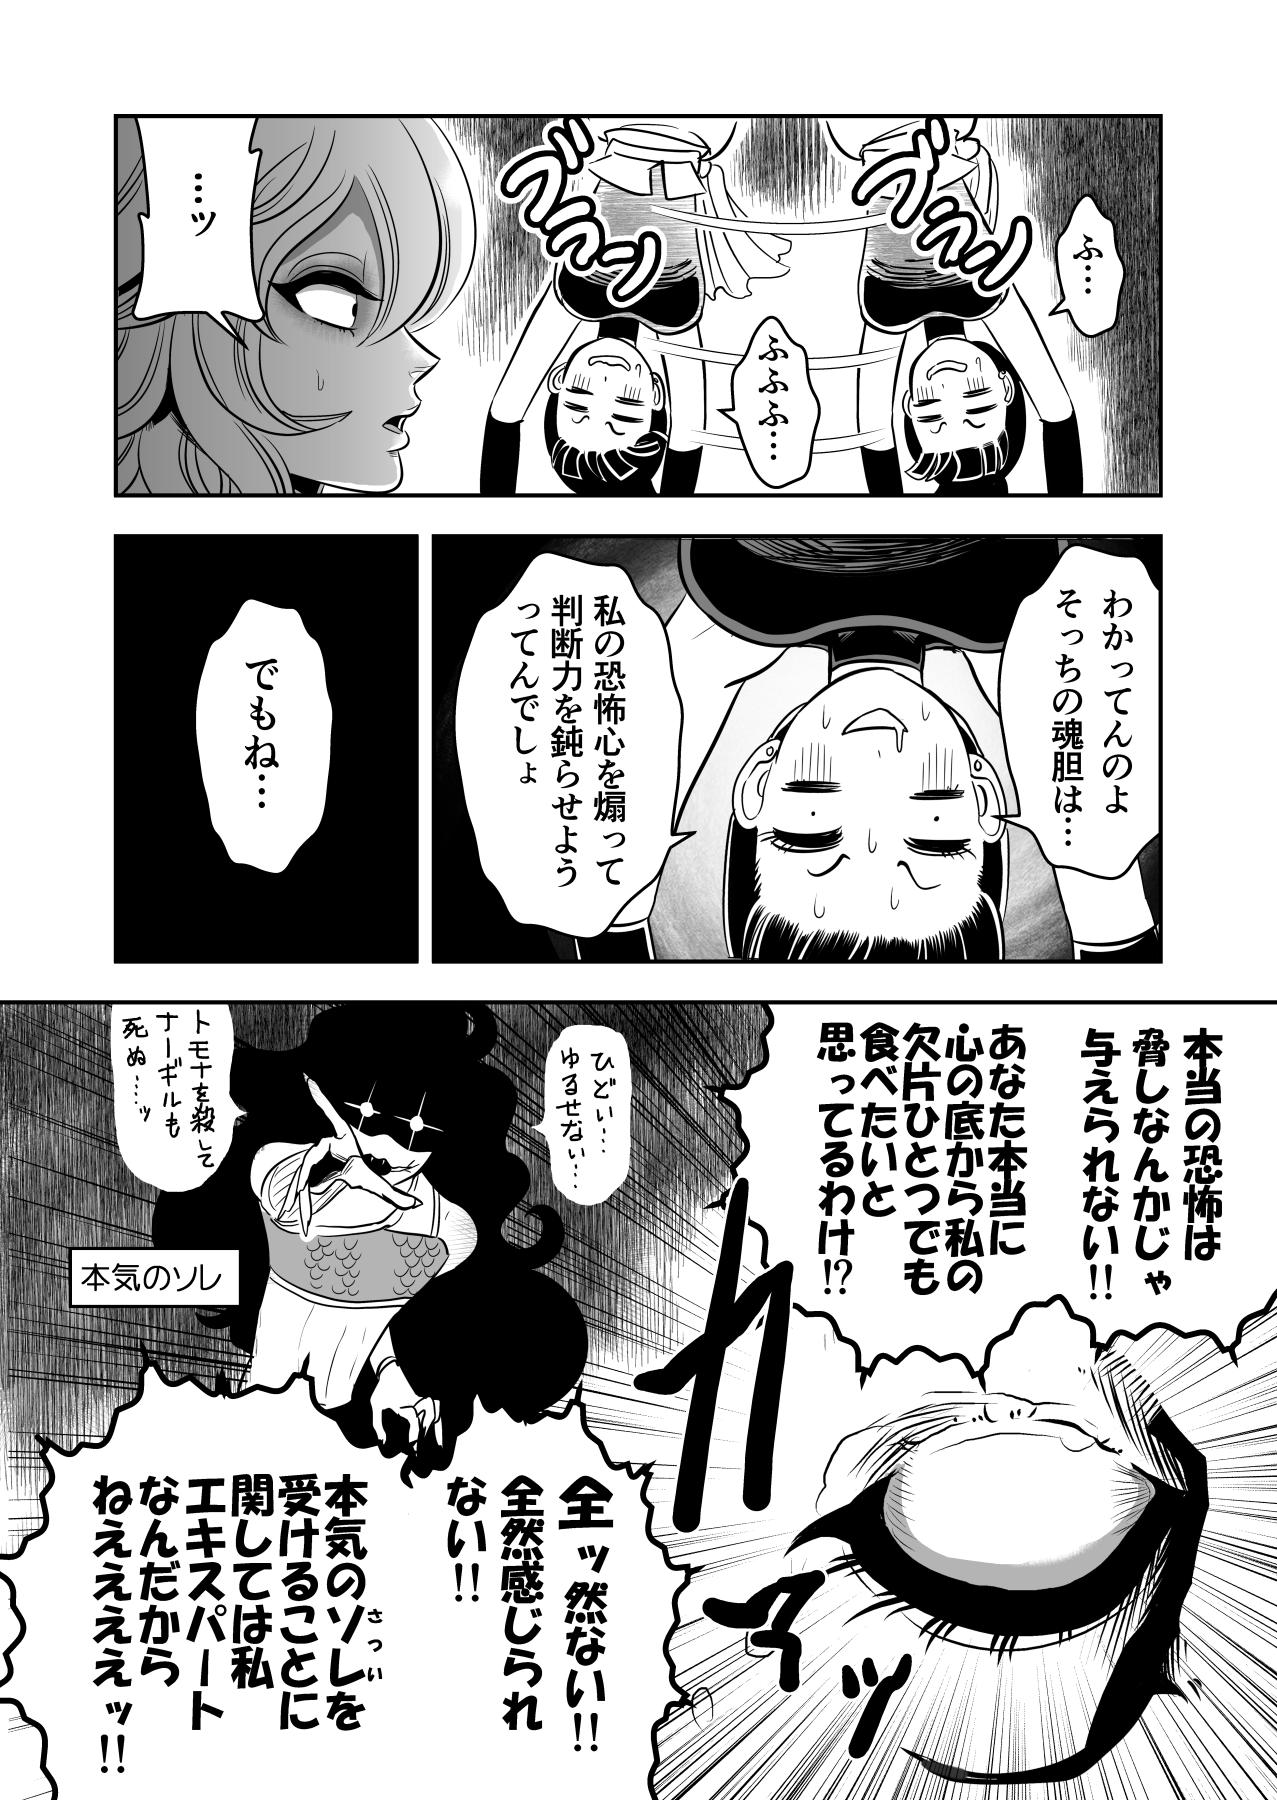 ヤサグレ魔女と第1王子と吸血鬼①0078